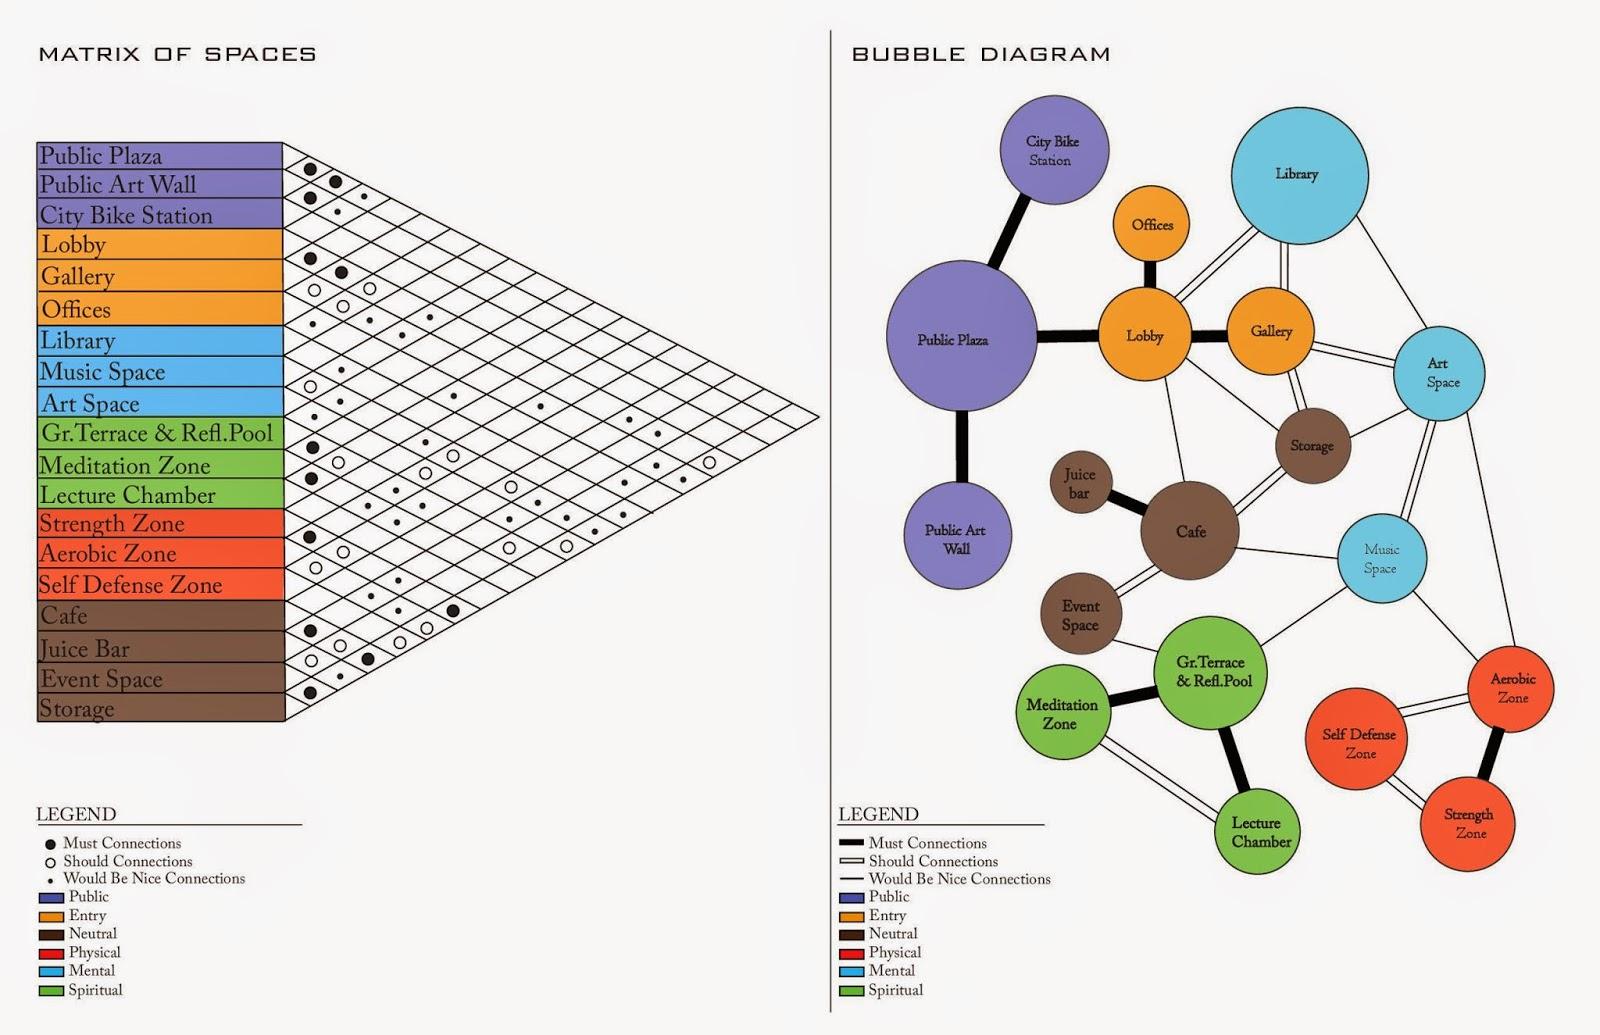 medium resolution of matrix of spaces bubble diagram